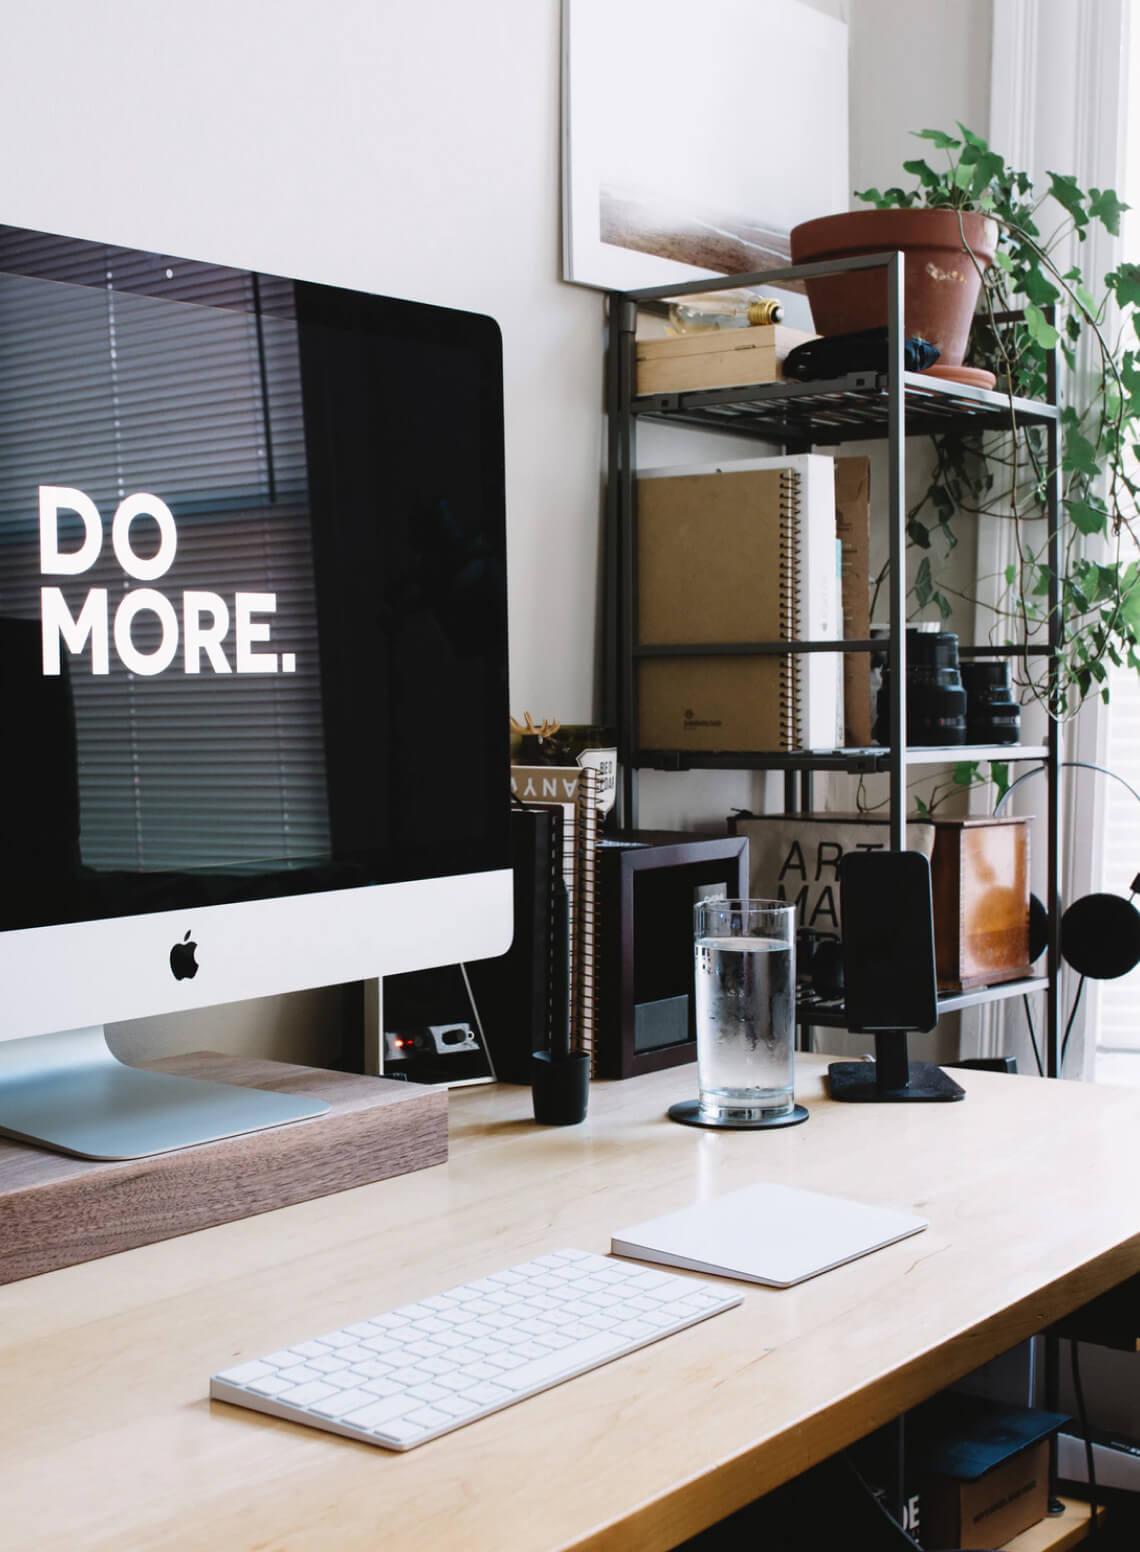 A desk setup with an iMac